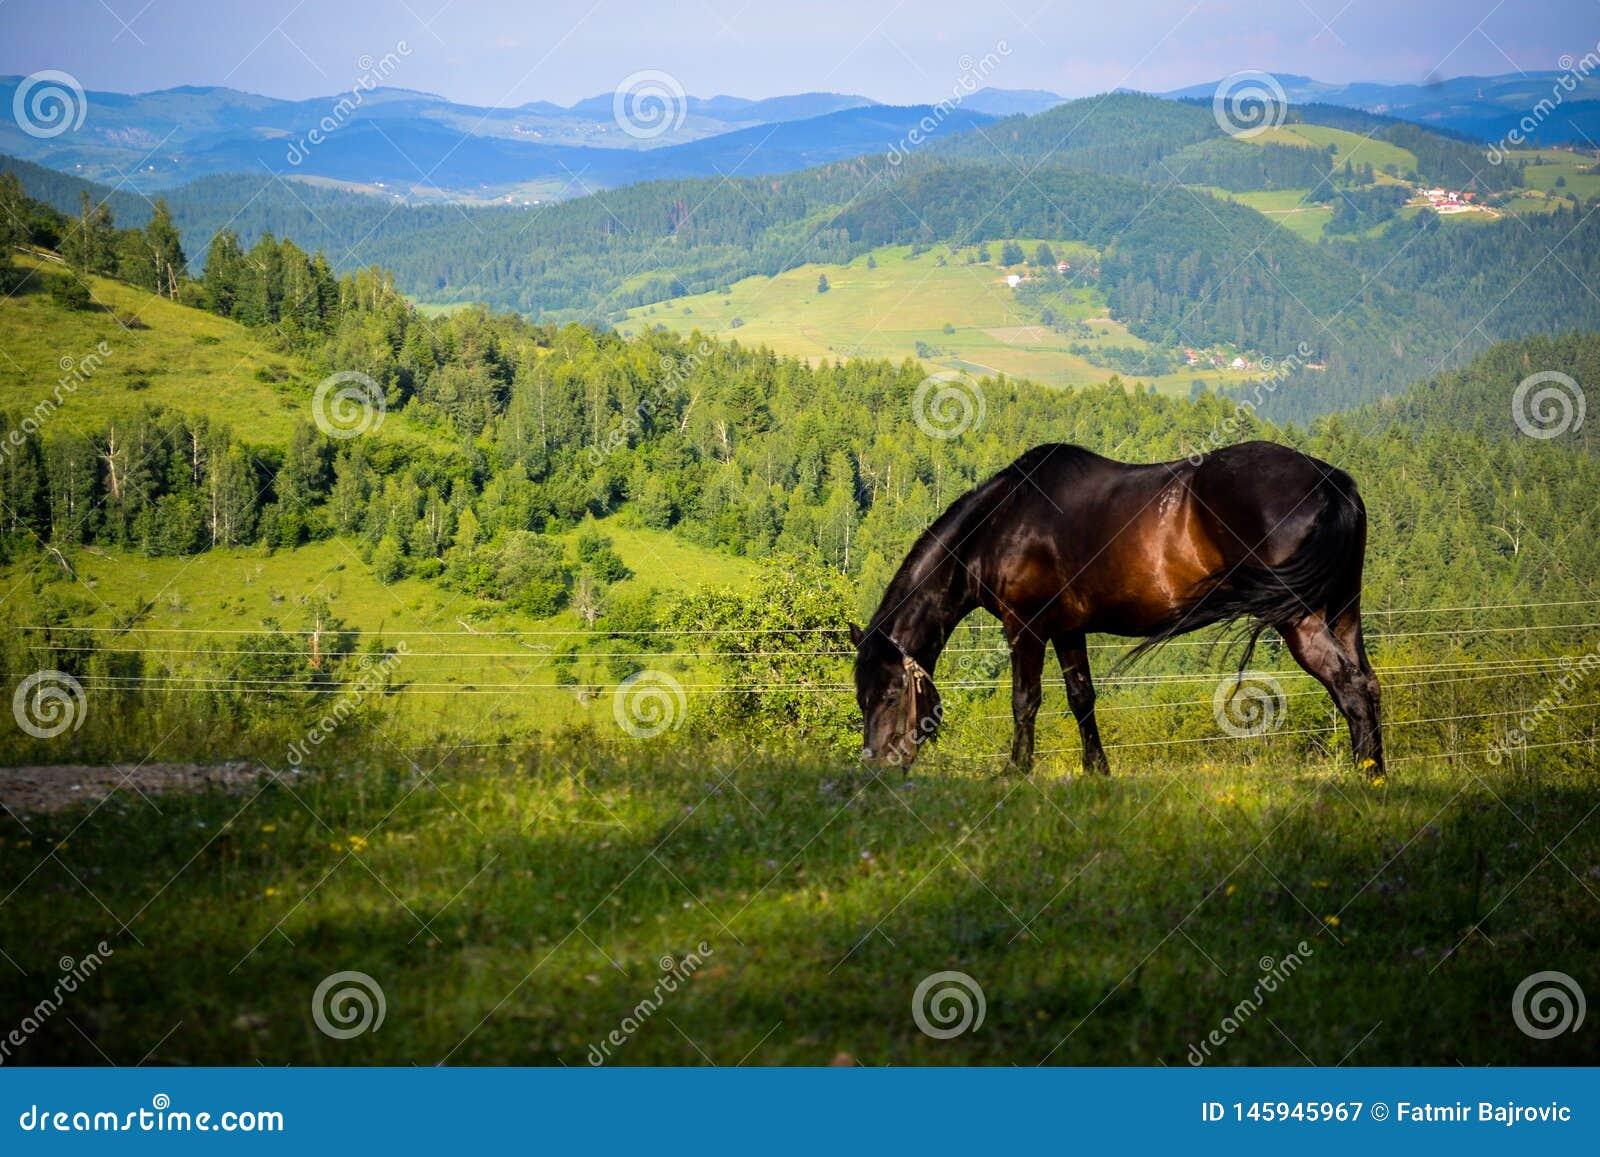 一个非常好和有趣的细节 一匹美丽的马在自然财富享用和自由哺养